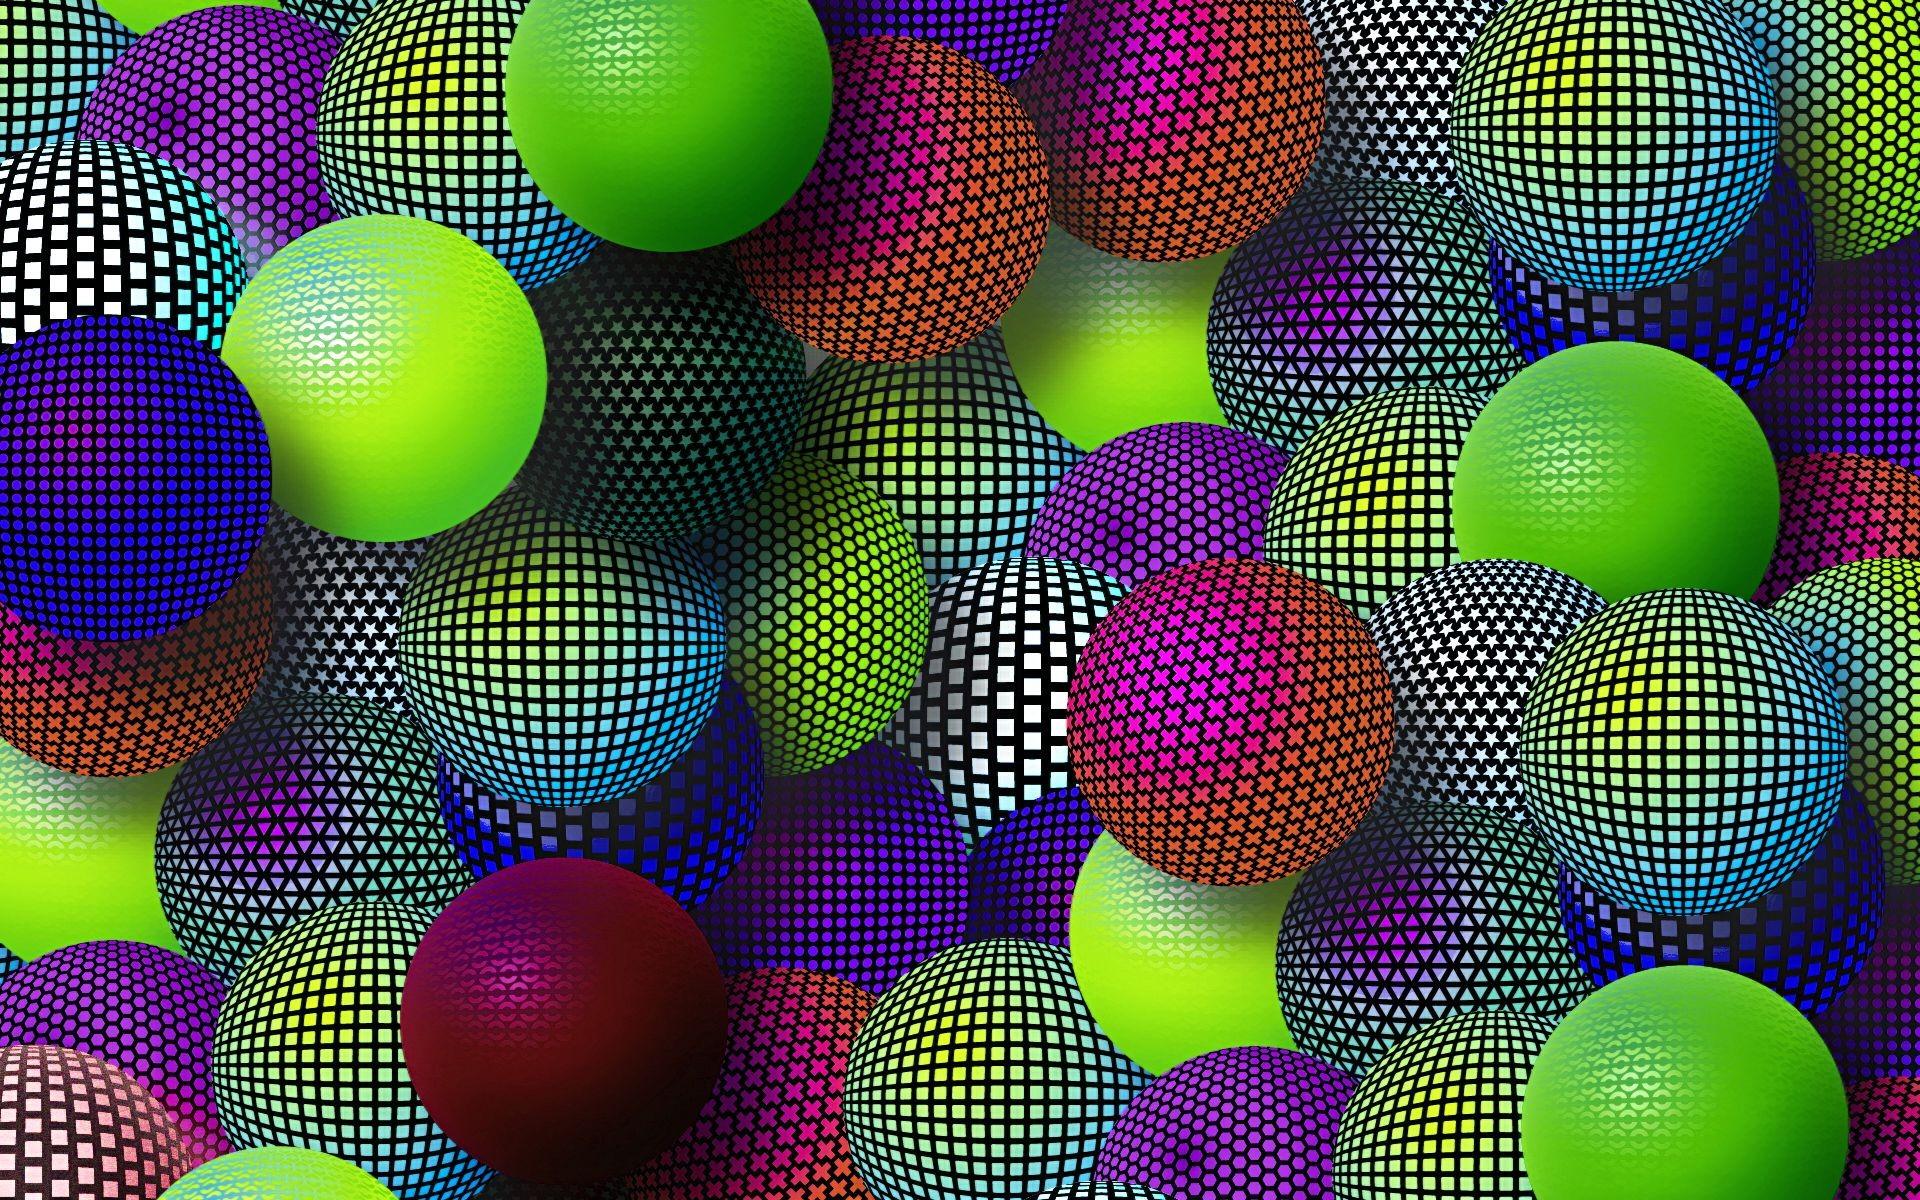 Bolas de colores digitales - 1920x1200